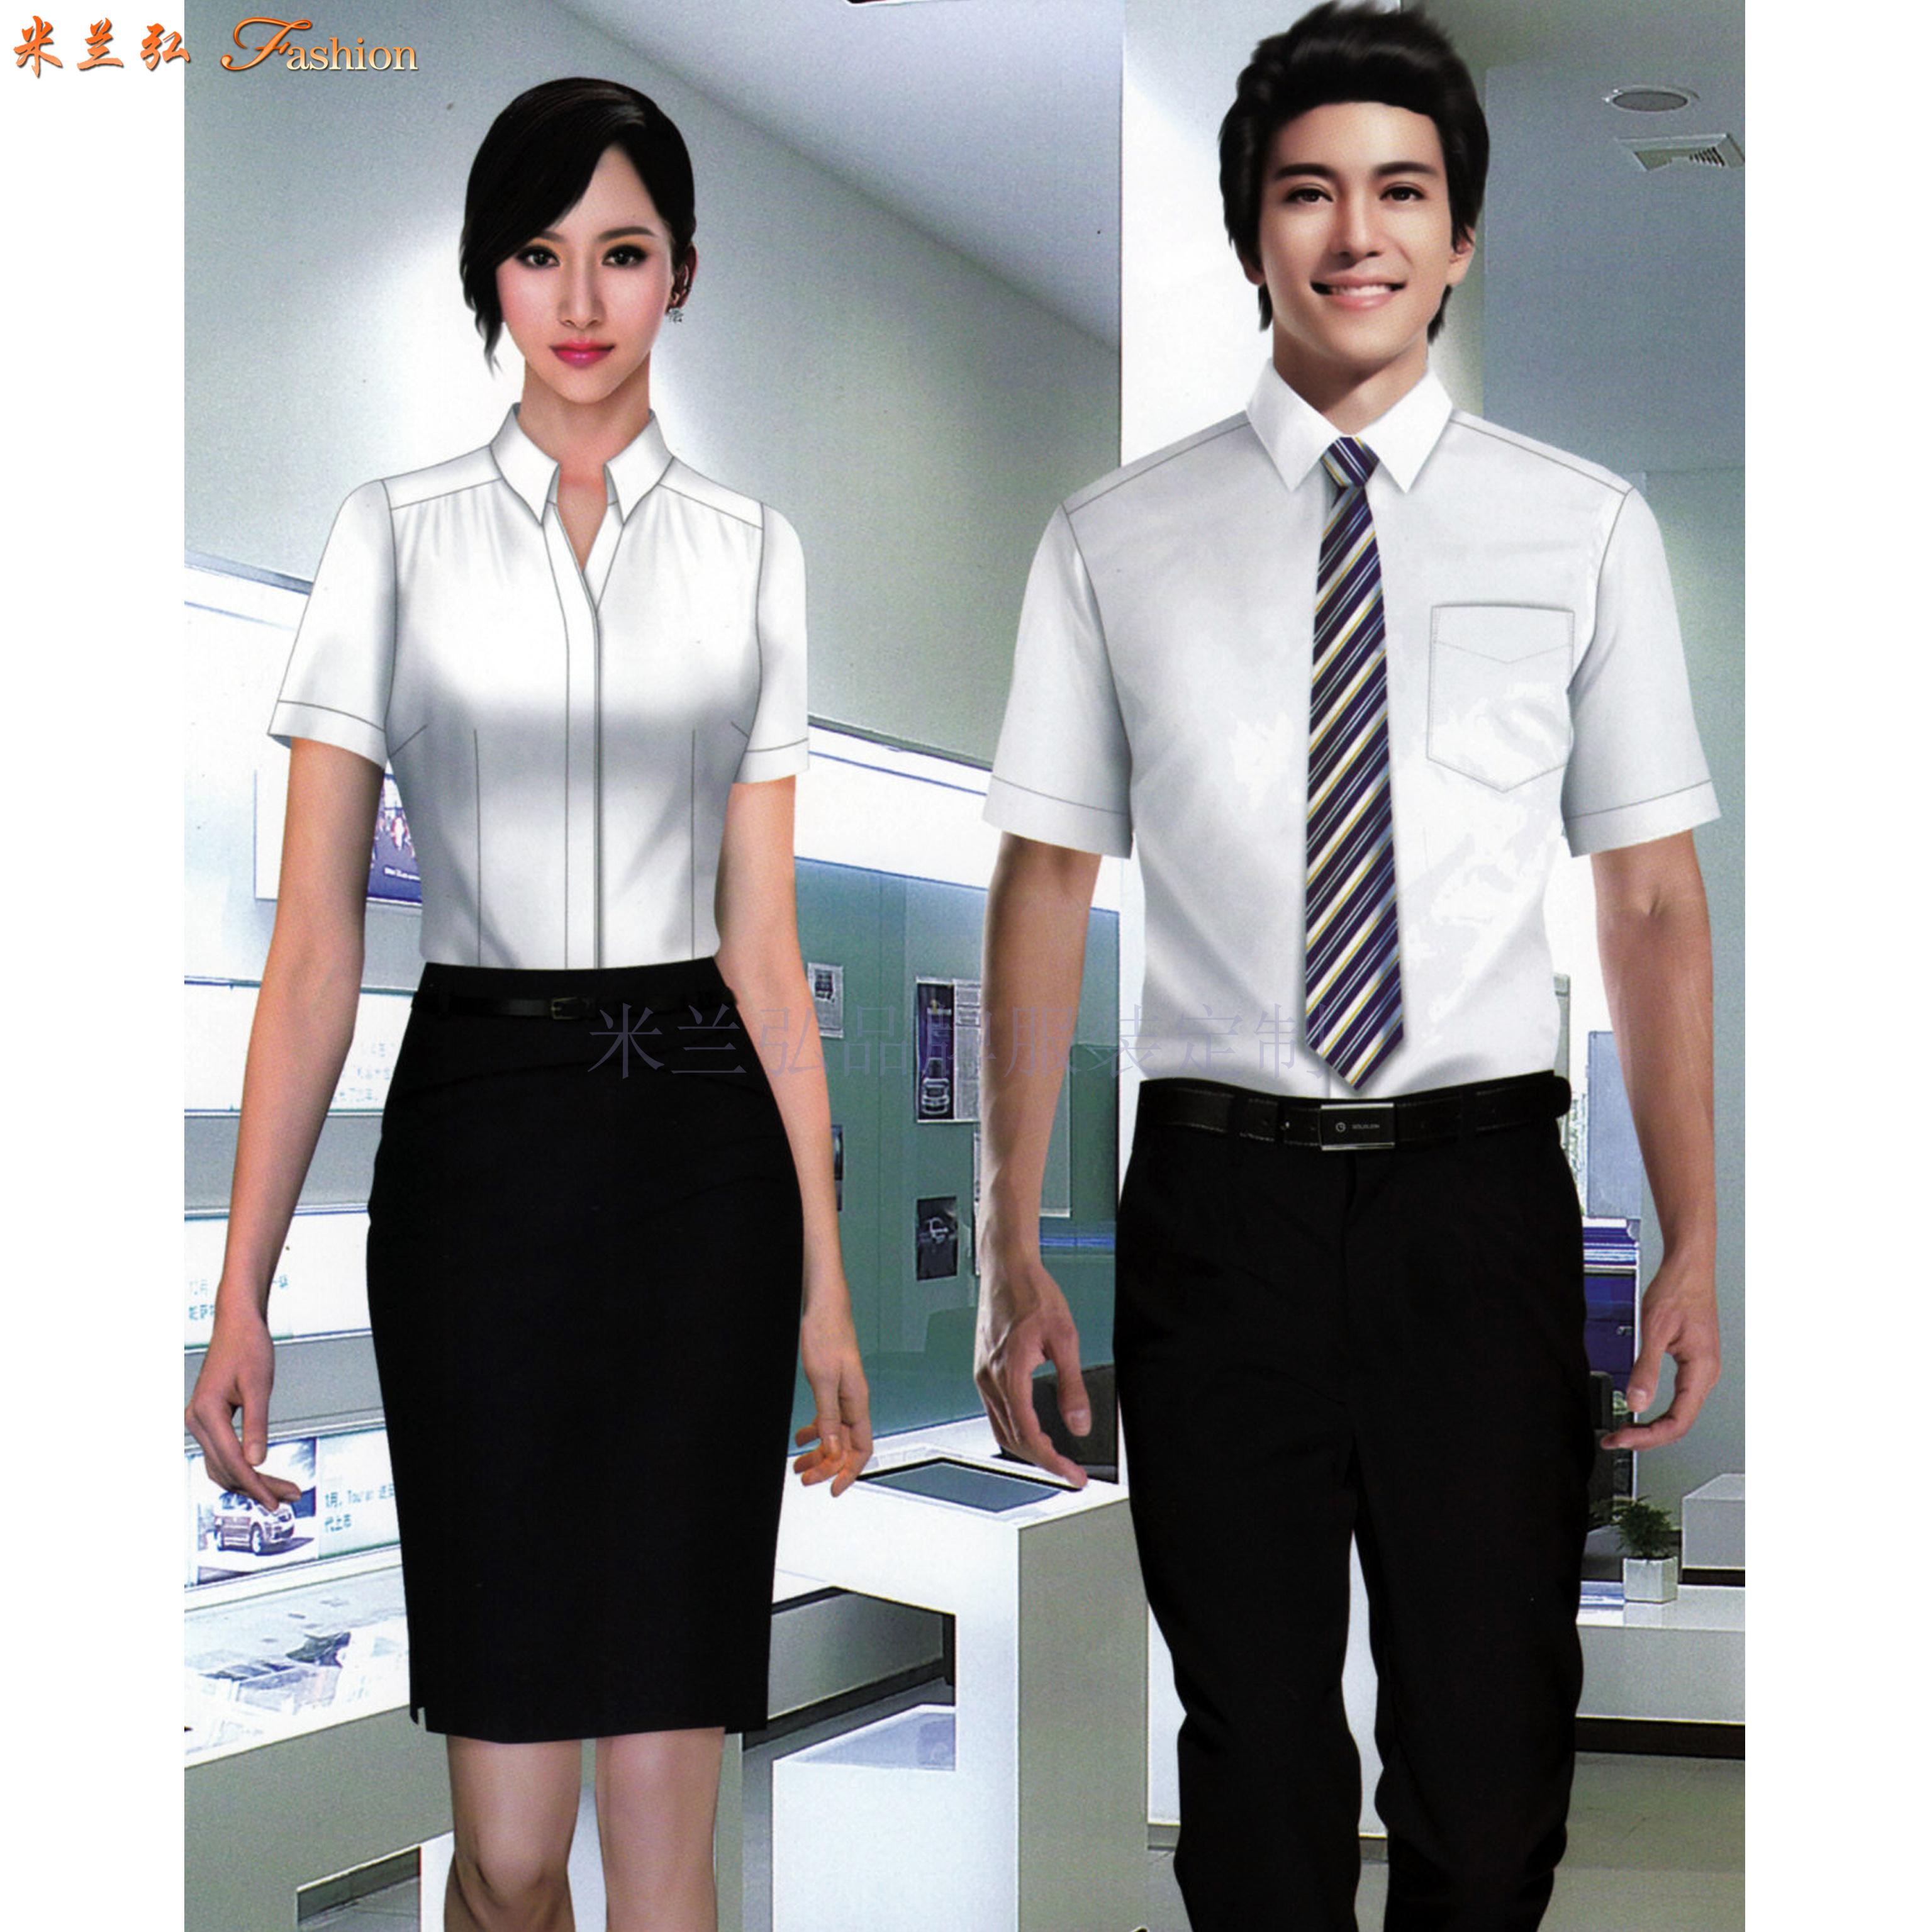 「廊坊襯衫定制」「固安男式襯衫定做」「文安女式襯衫訂做」-4